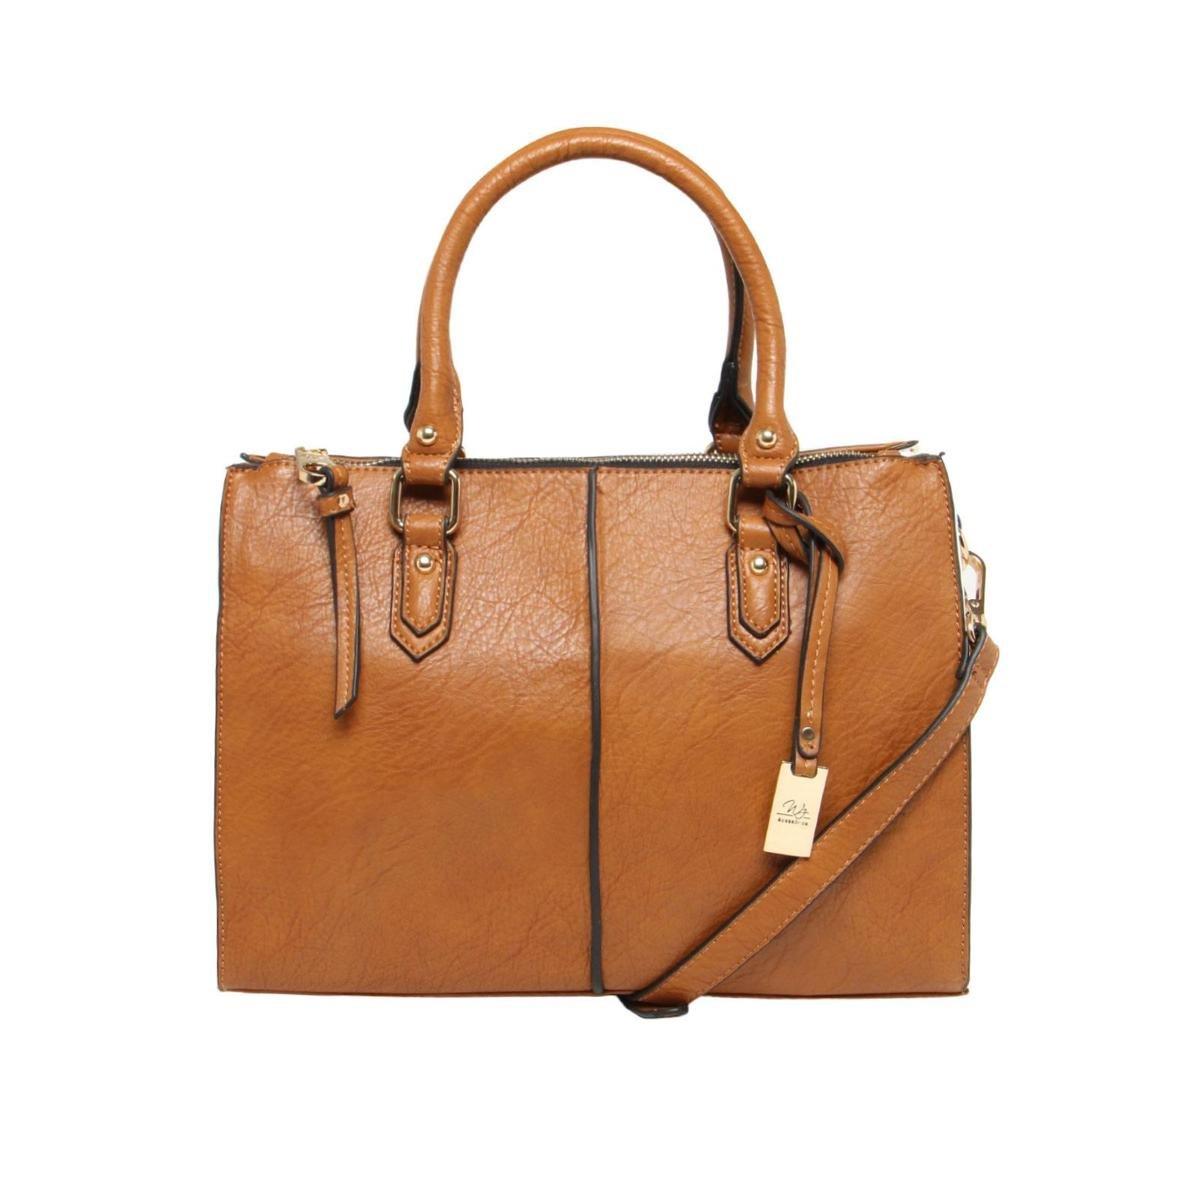 05281dfa10 Bolsa Wj Estruturada - Compre Agora